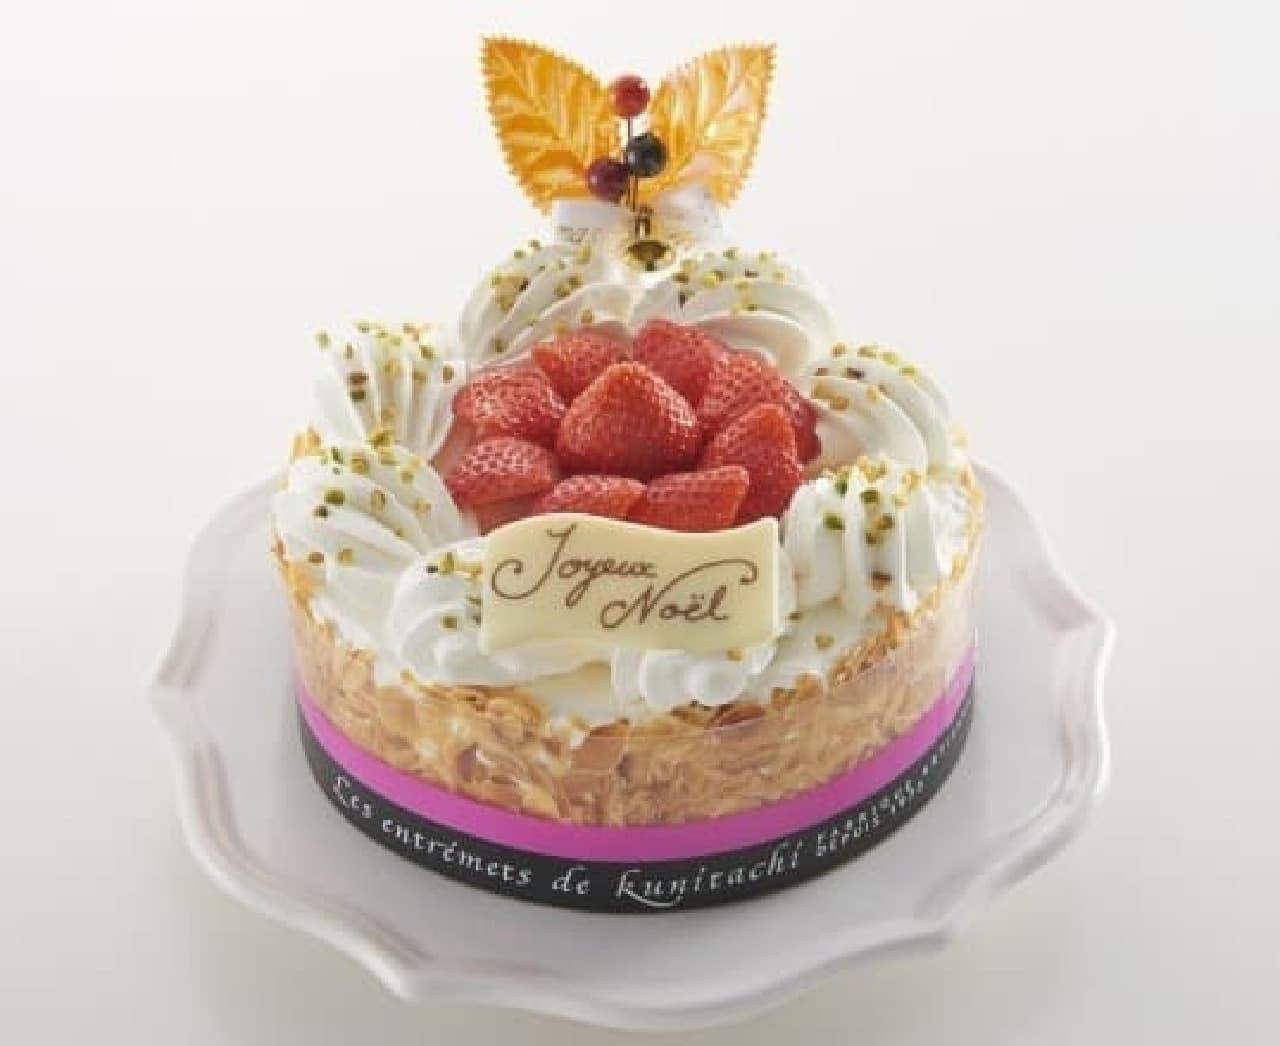 人気パティシエ監修ケーキが、今年も登場!  (画像:ミルフィーユ・シャンティ)